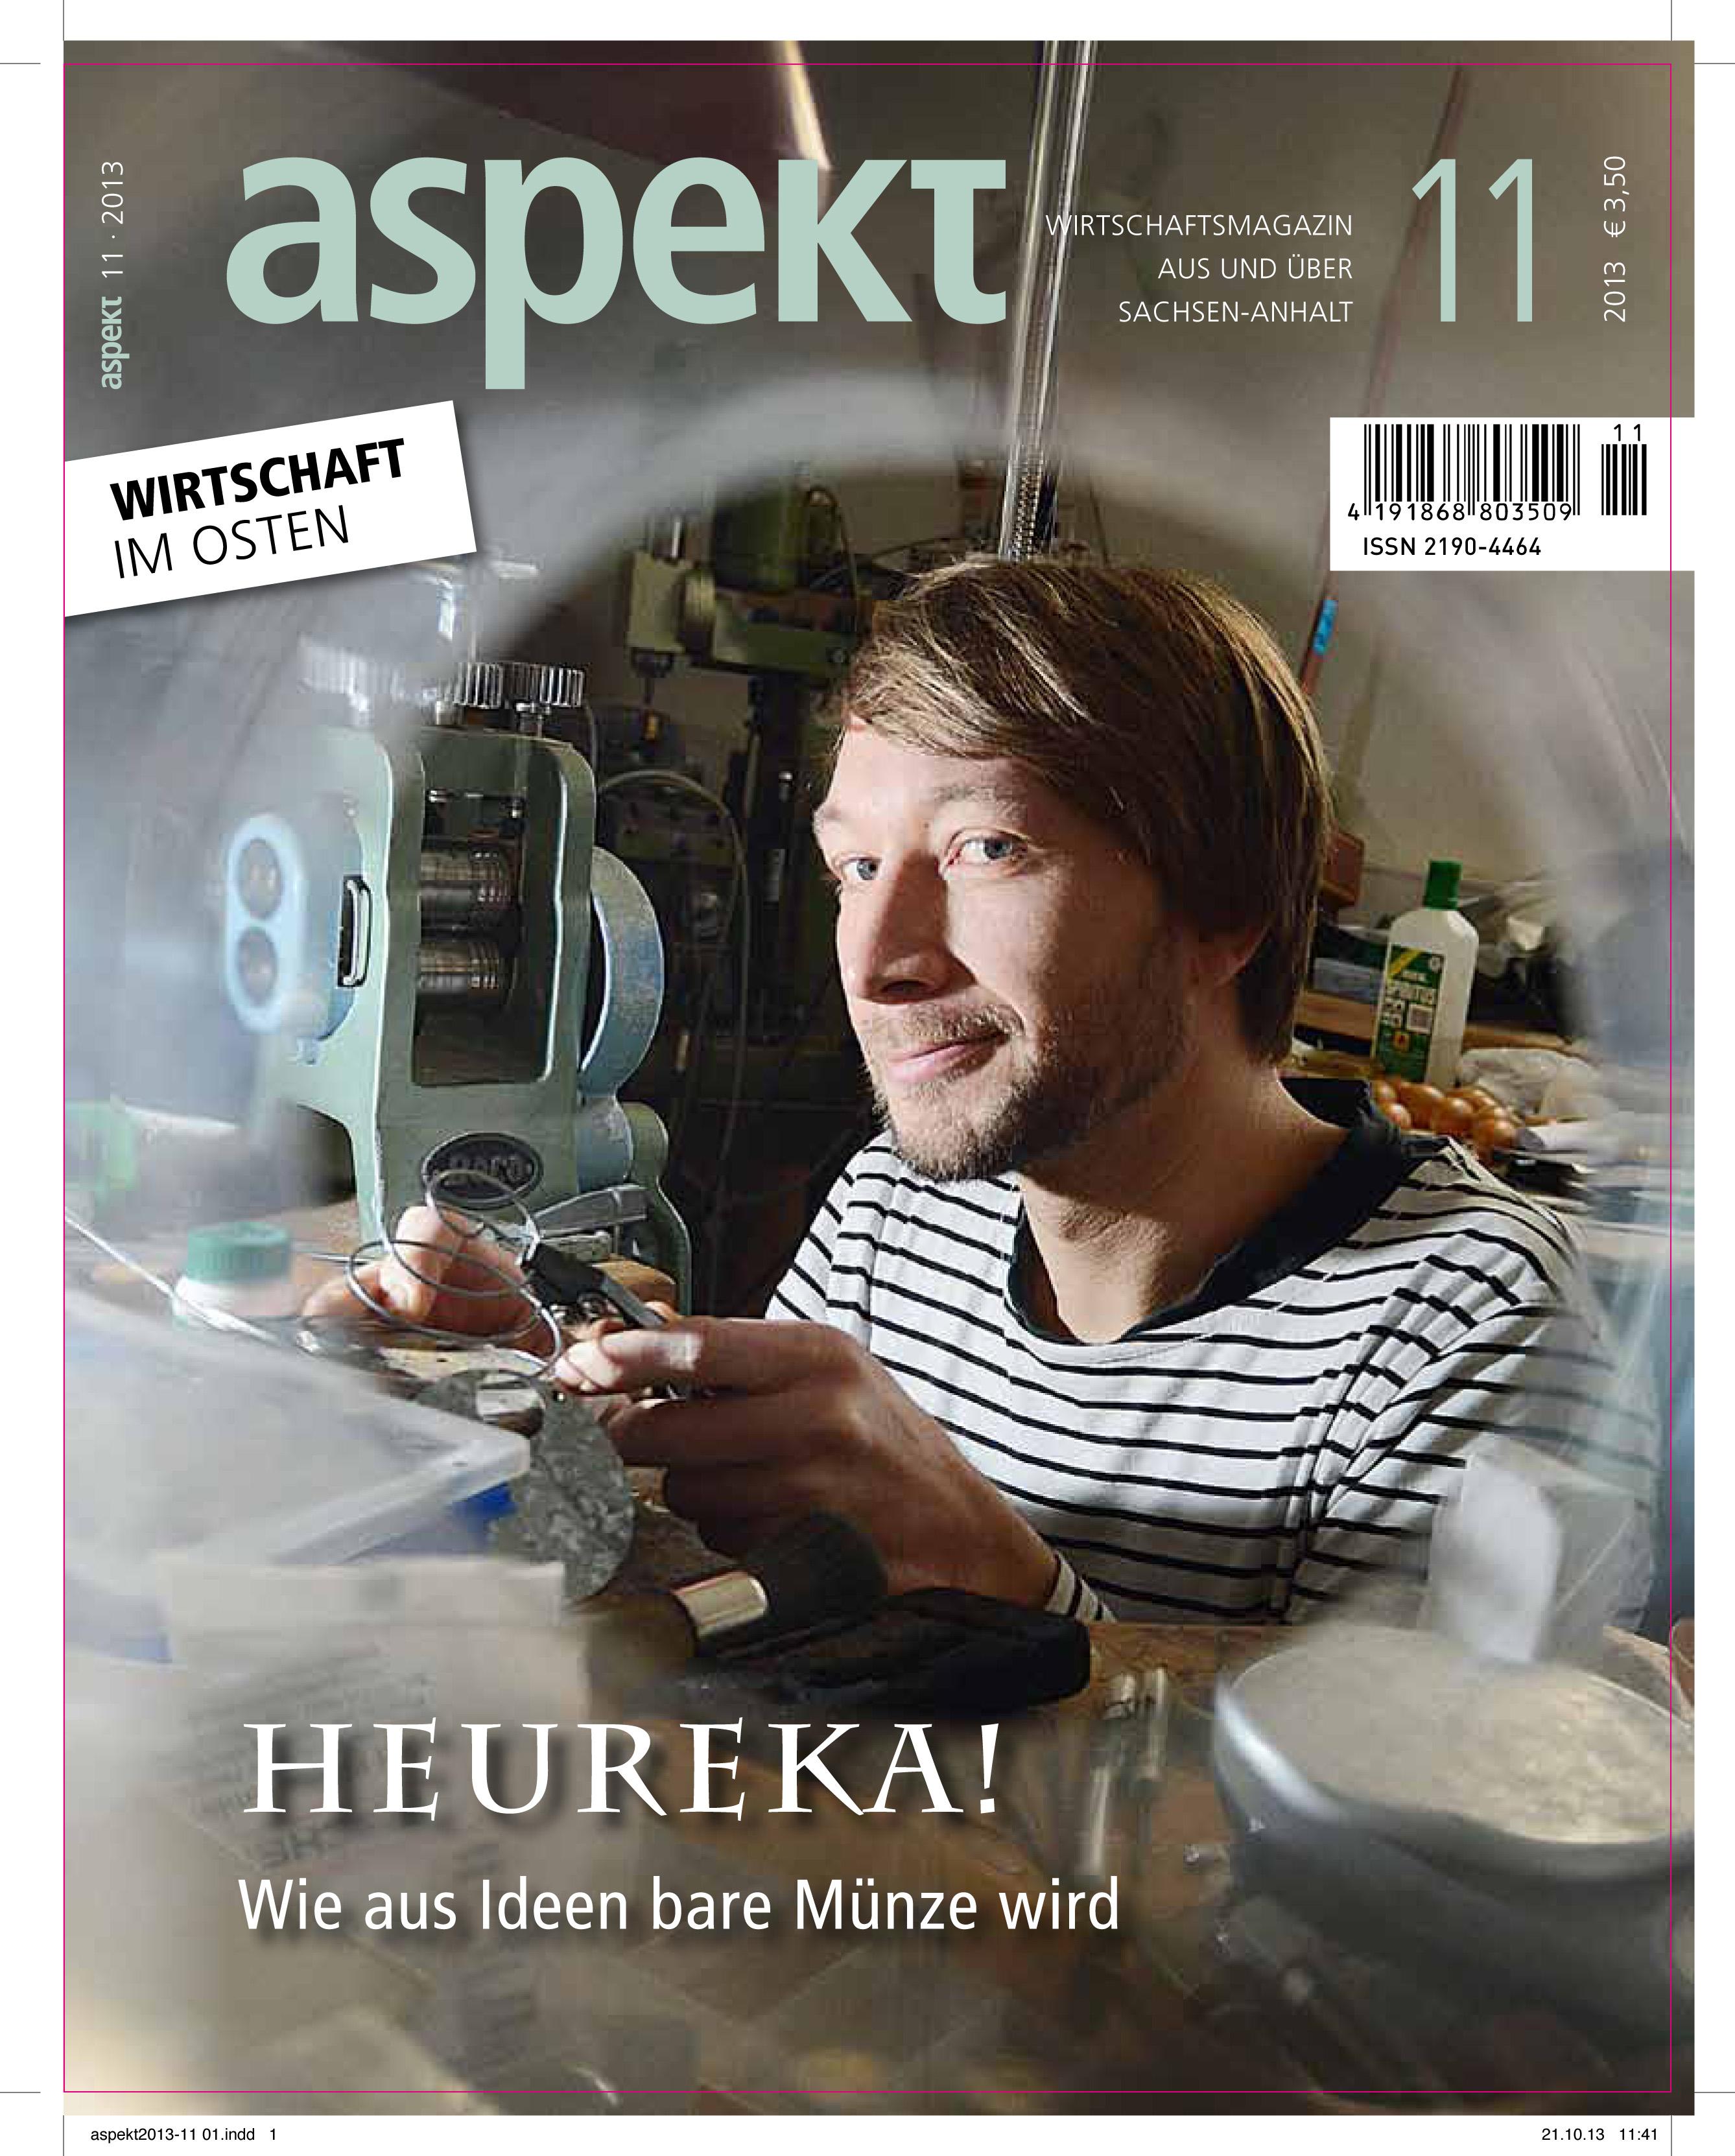 aspekt 2013-11 0100